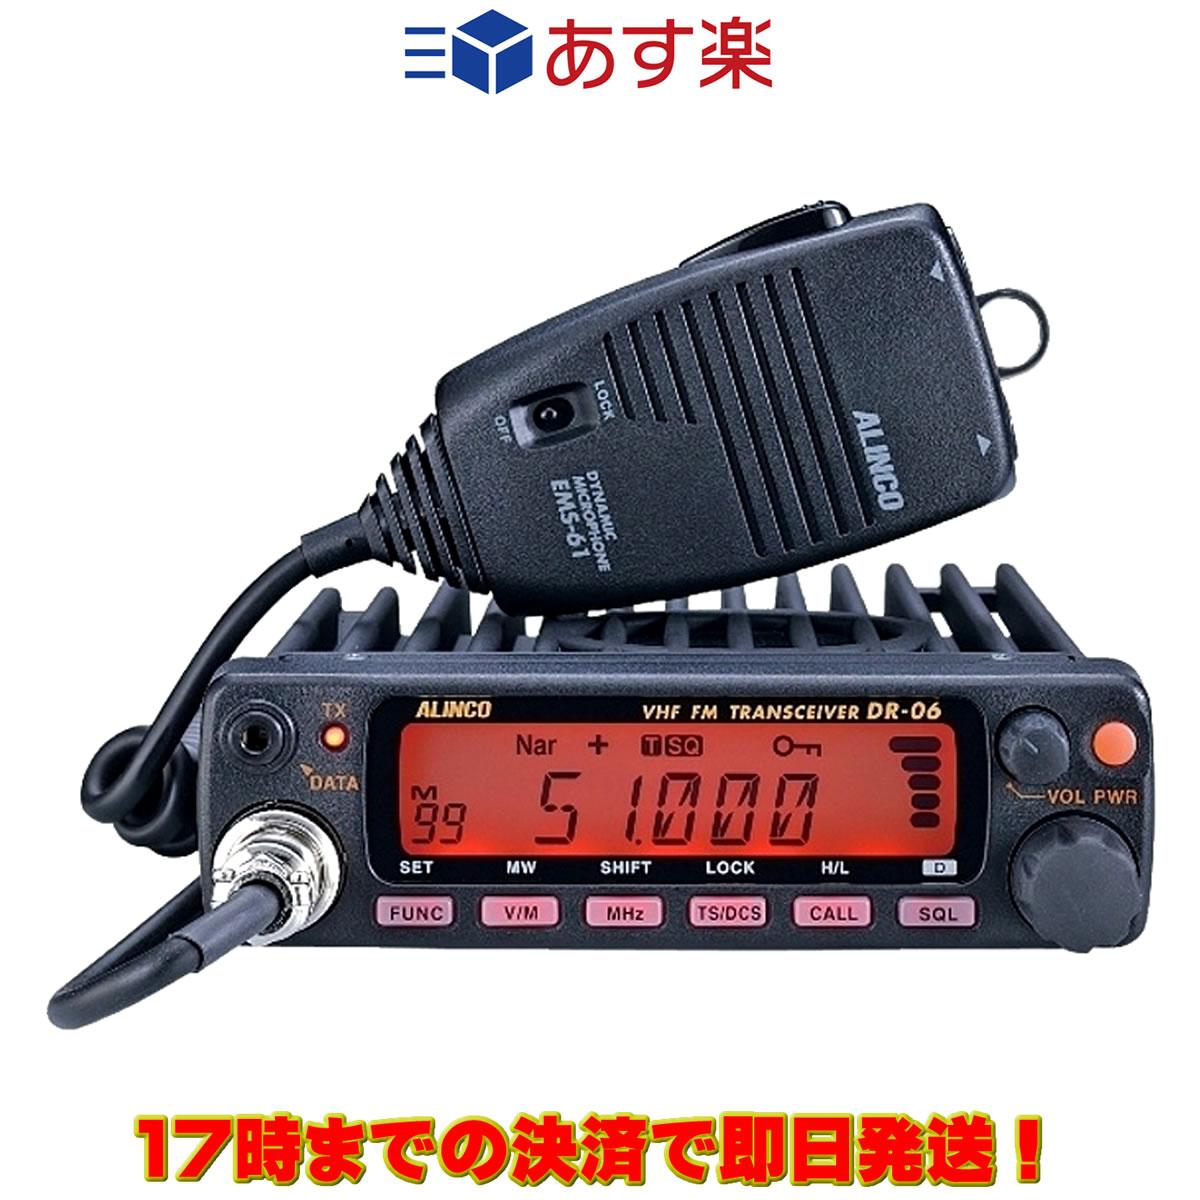 【ラッキーシール対応】 DR-06HX アルインコ 50MHz FMモービルトランシーバー 50W